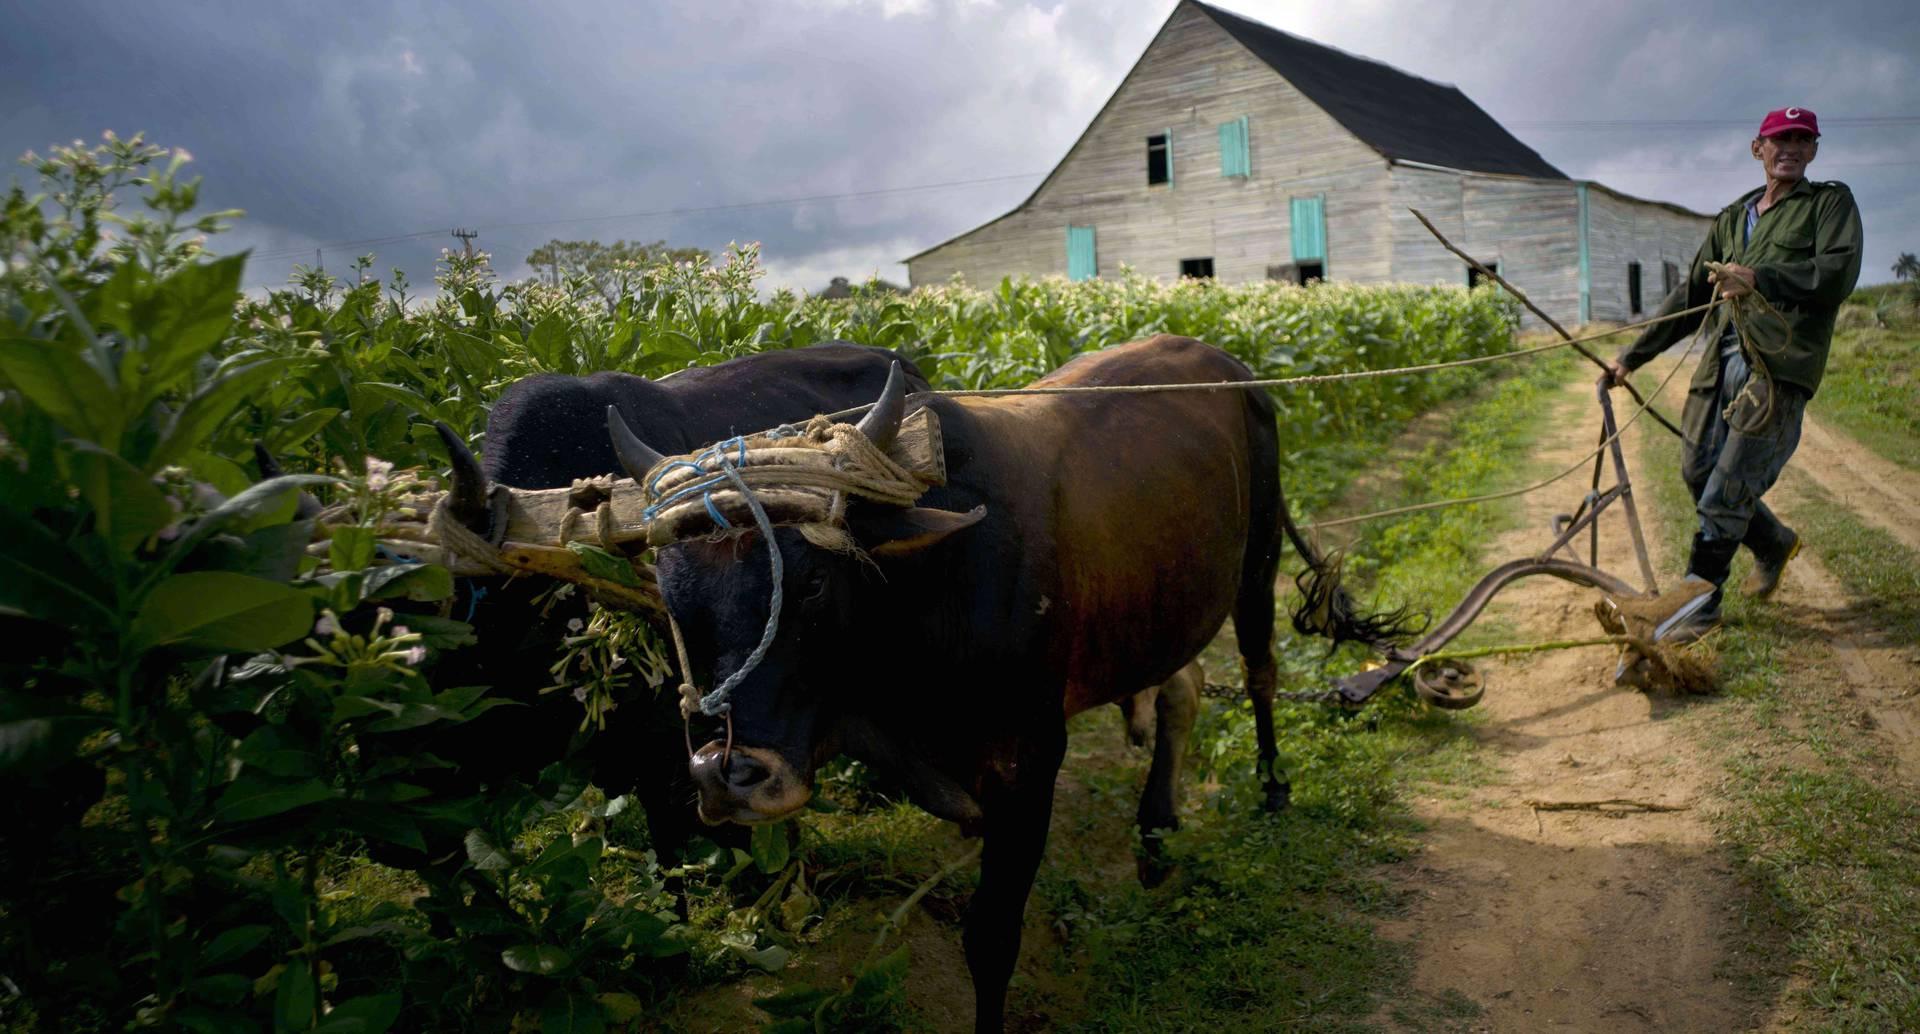 Jorge Luis León Becerra usa un arado alimentado por bueyes en una zona donde recientemente se cosecharon plantas de tabaco en la finca de Martínez, en la provincia occidental de Pinar del Río, Cuba (Foto AP / Ramón Espinosa)